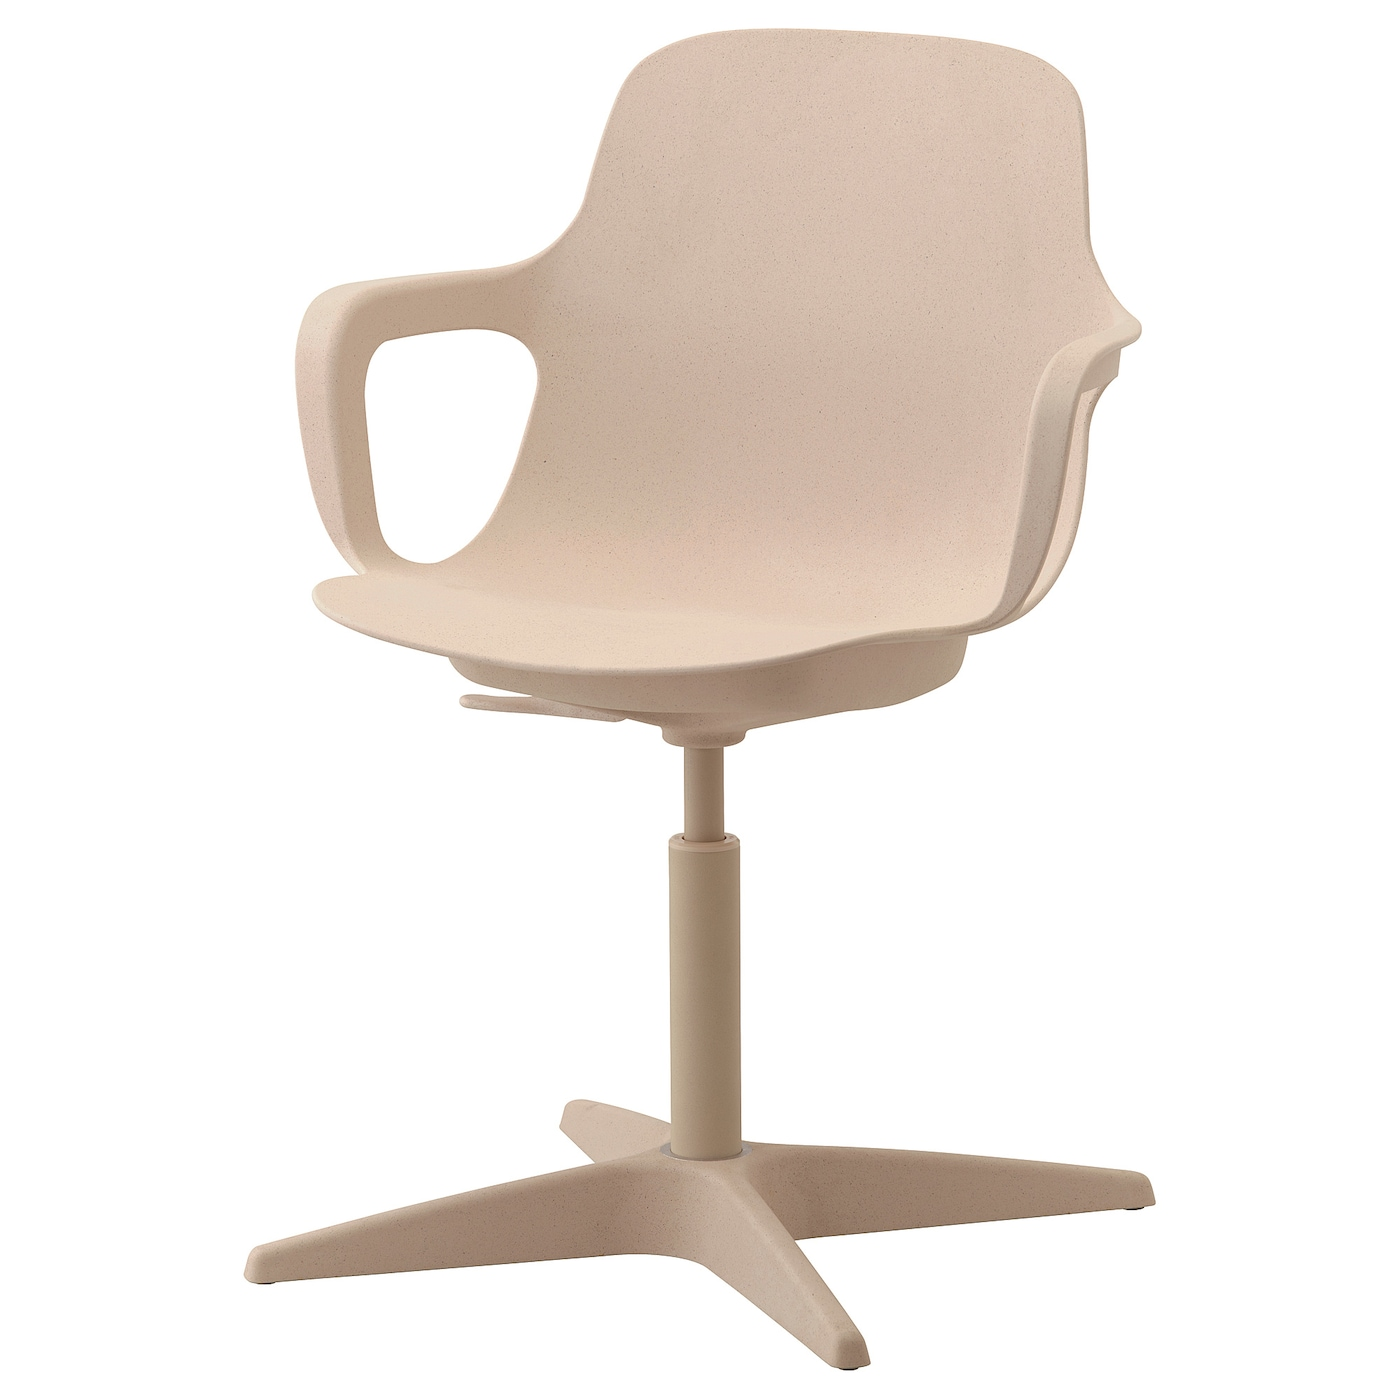 hogy néznek ki a székek sisakjai